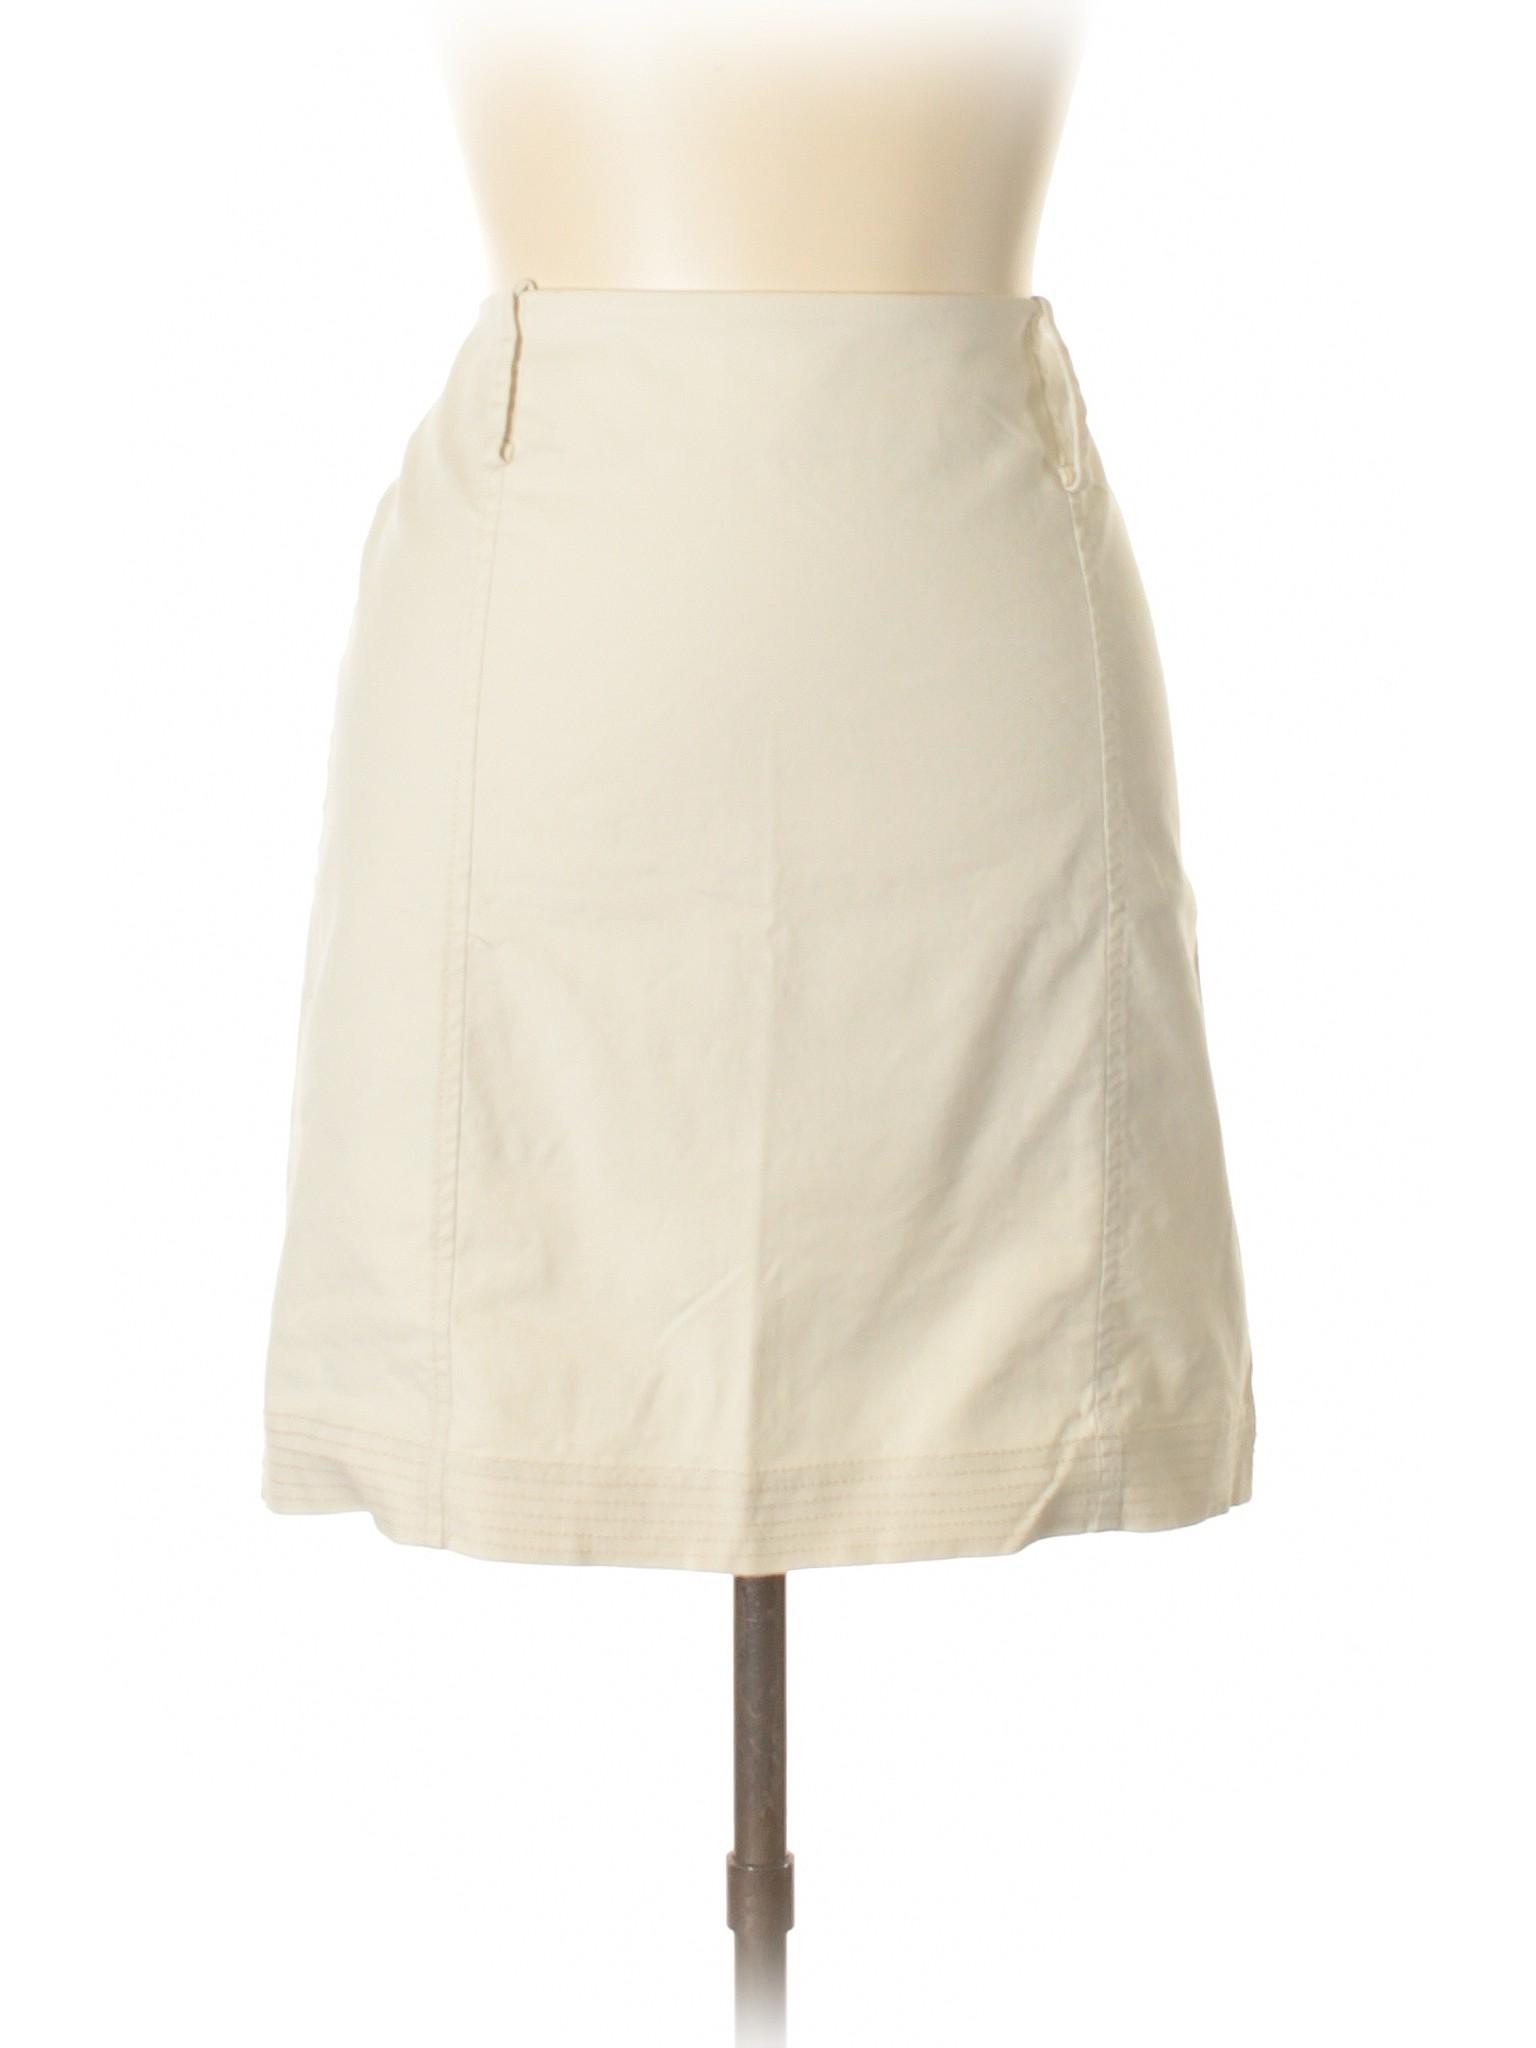 Boutique Casual Boutique Casual Skirt Skirt Boutique qwqSZItUW